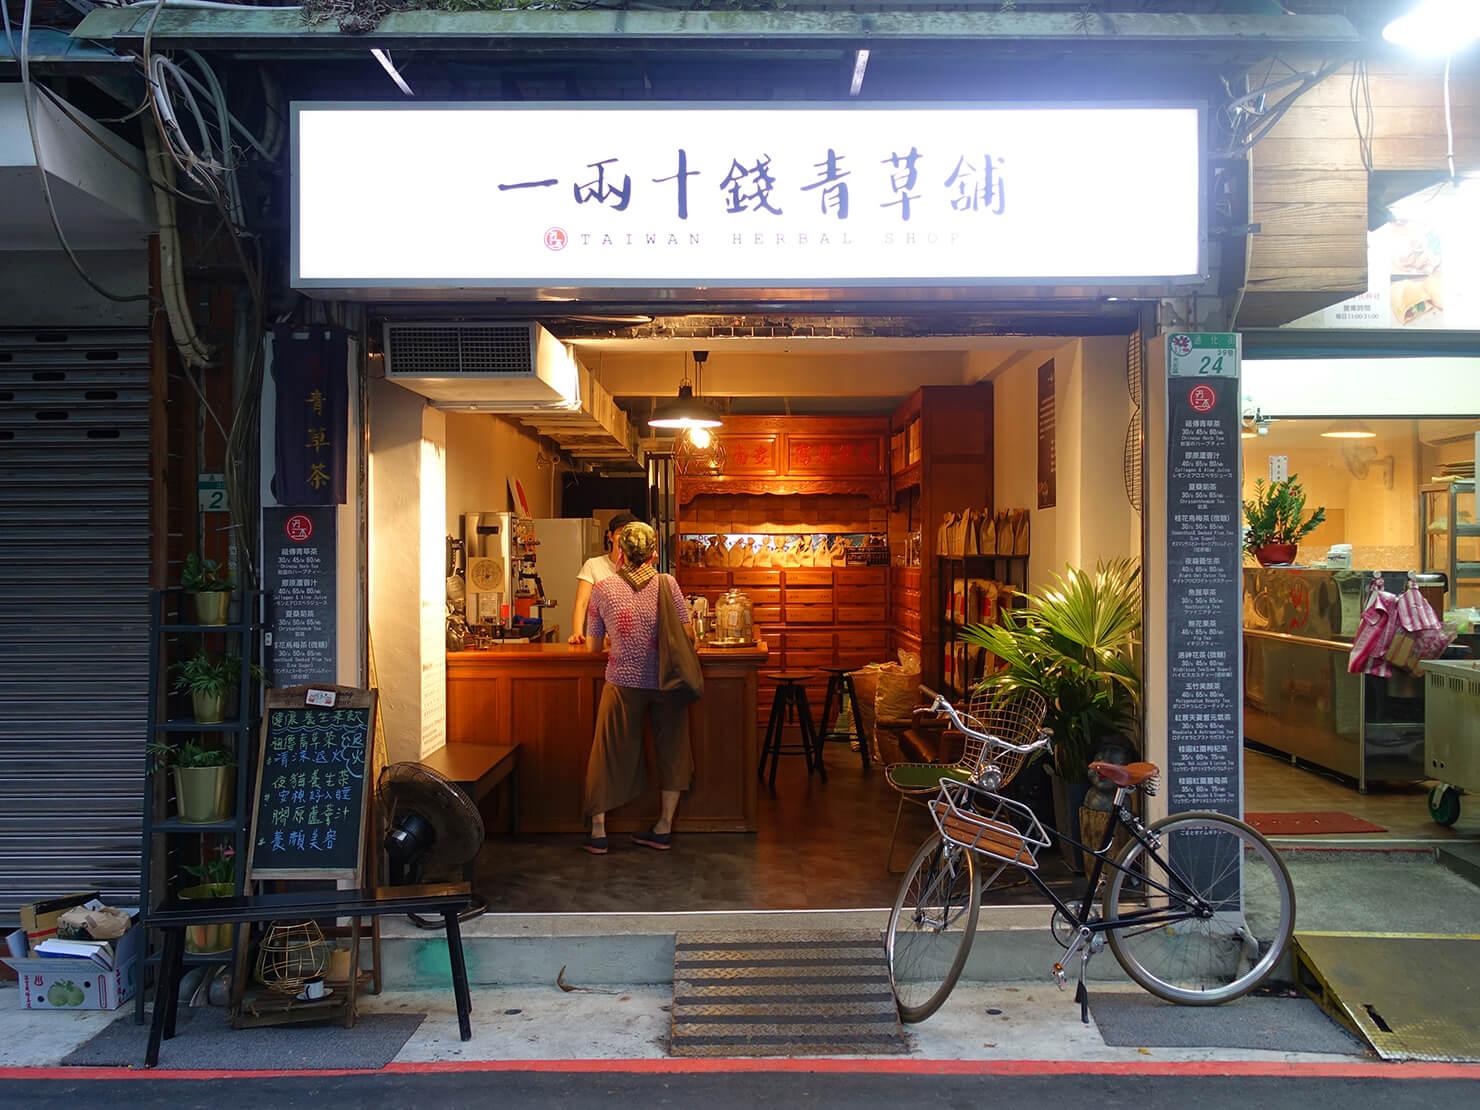 台北・臨江街夜市のおすすめグルメ店「一兩十錢青草舖」の外観